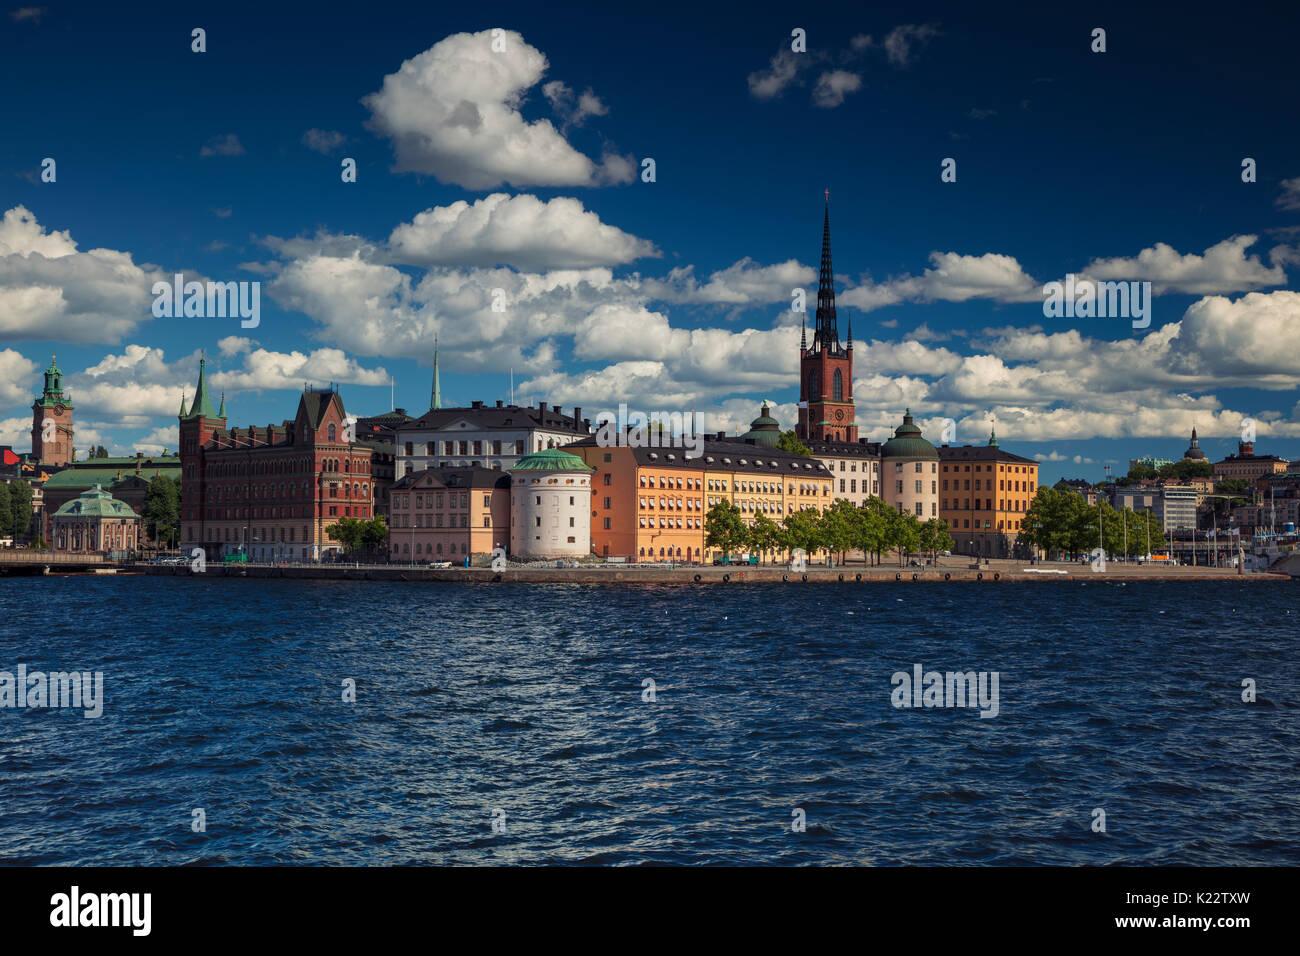 Stoccolma. cityscape immagine della città vecchia di Stoccolma, Svezia durante durante la giornata di sole. Immagini Stock